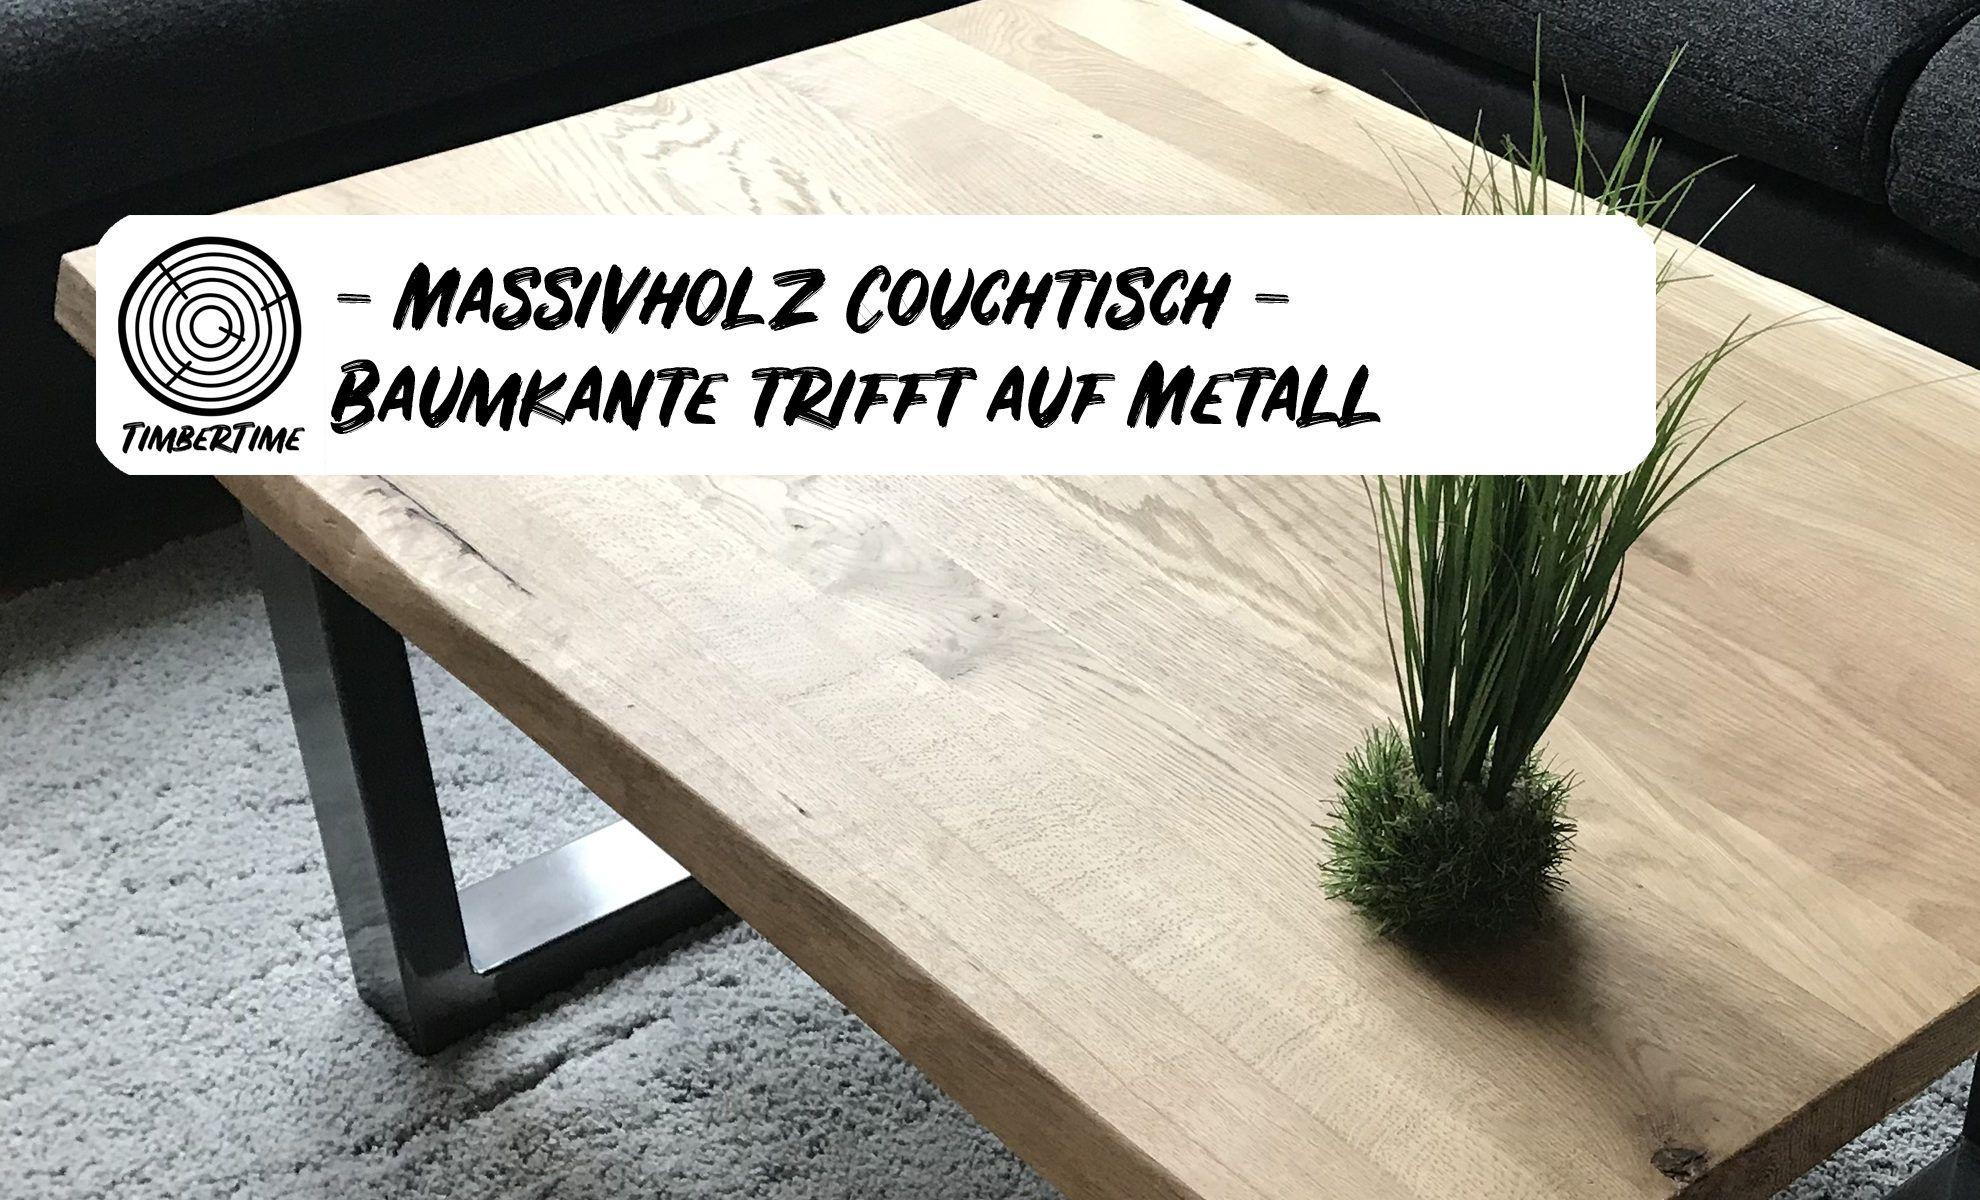 Massivholz Couchtisch Selber Bauen Eiche Mit Baumkante Trifft Auf Metall In 2020 Couchtisch Selber Bauen Couchtisch Massivholz Couchtisch